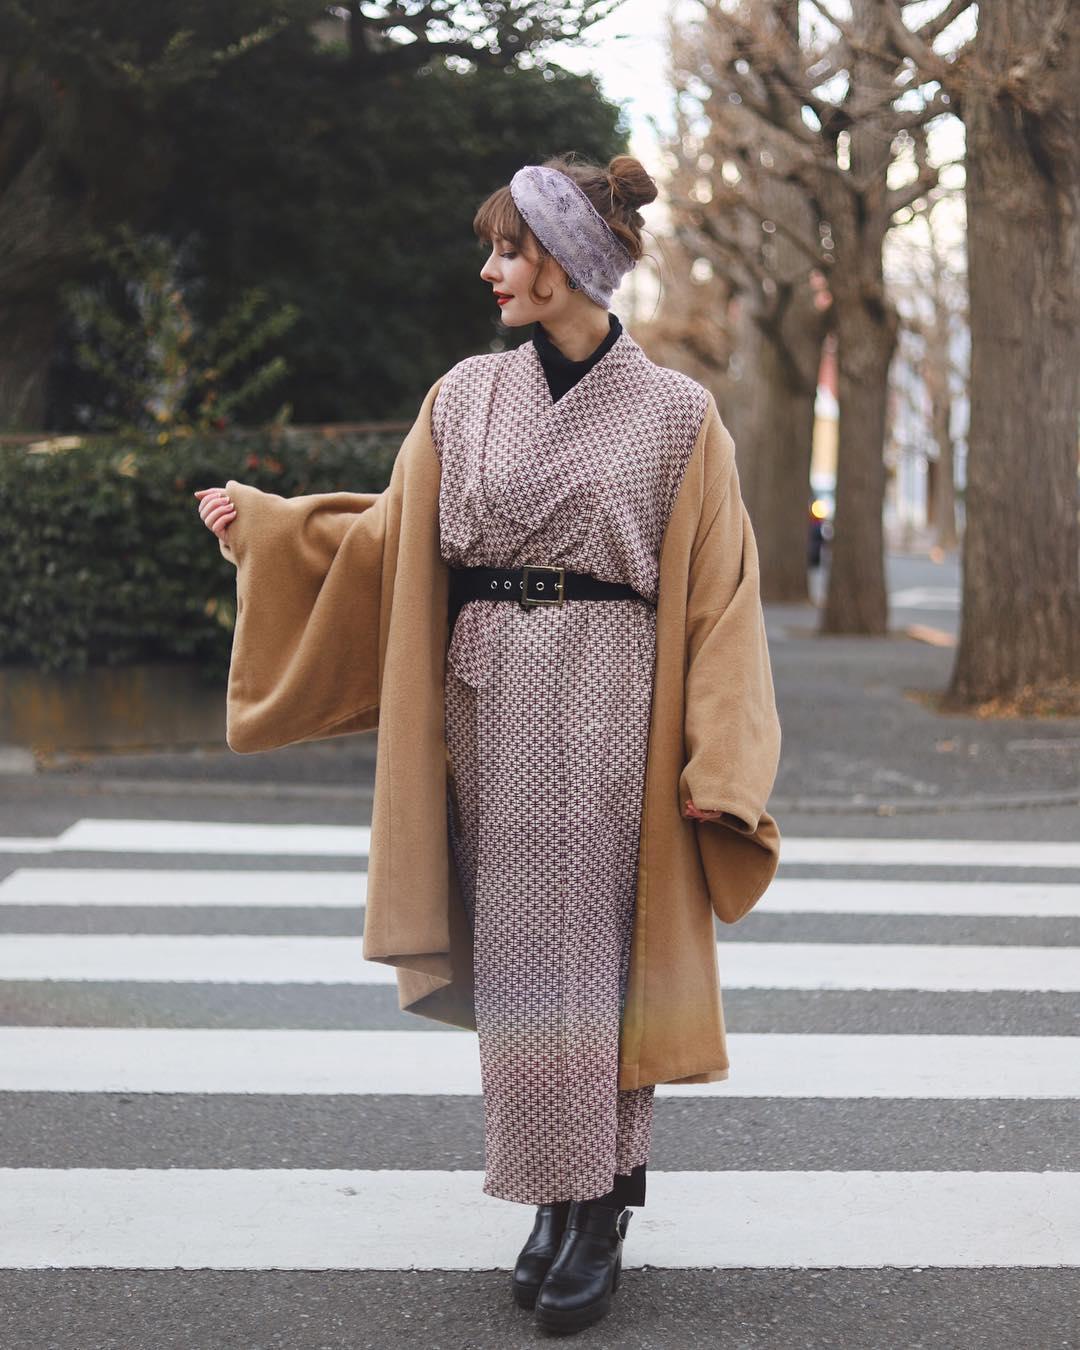 Stasia Motsumoto Kimono Daylight Street